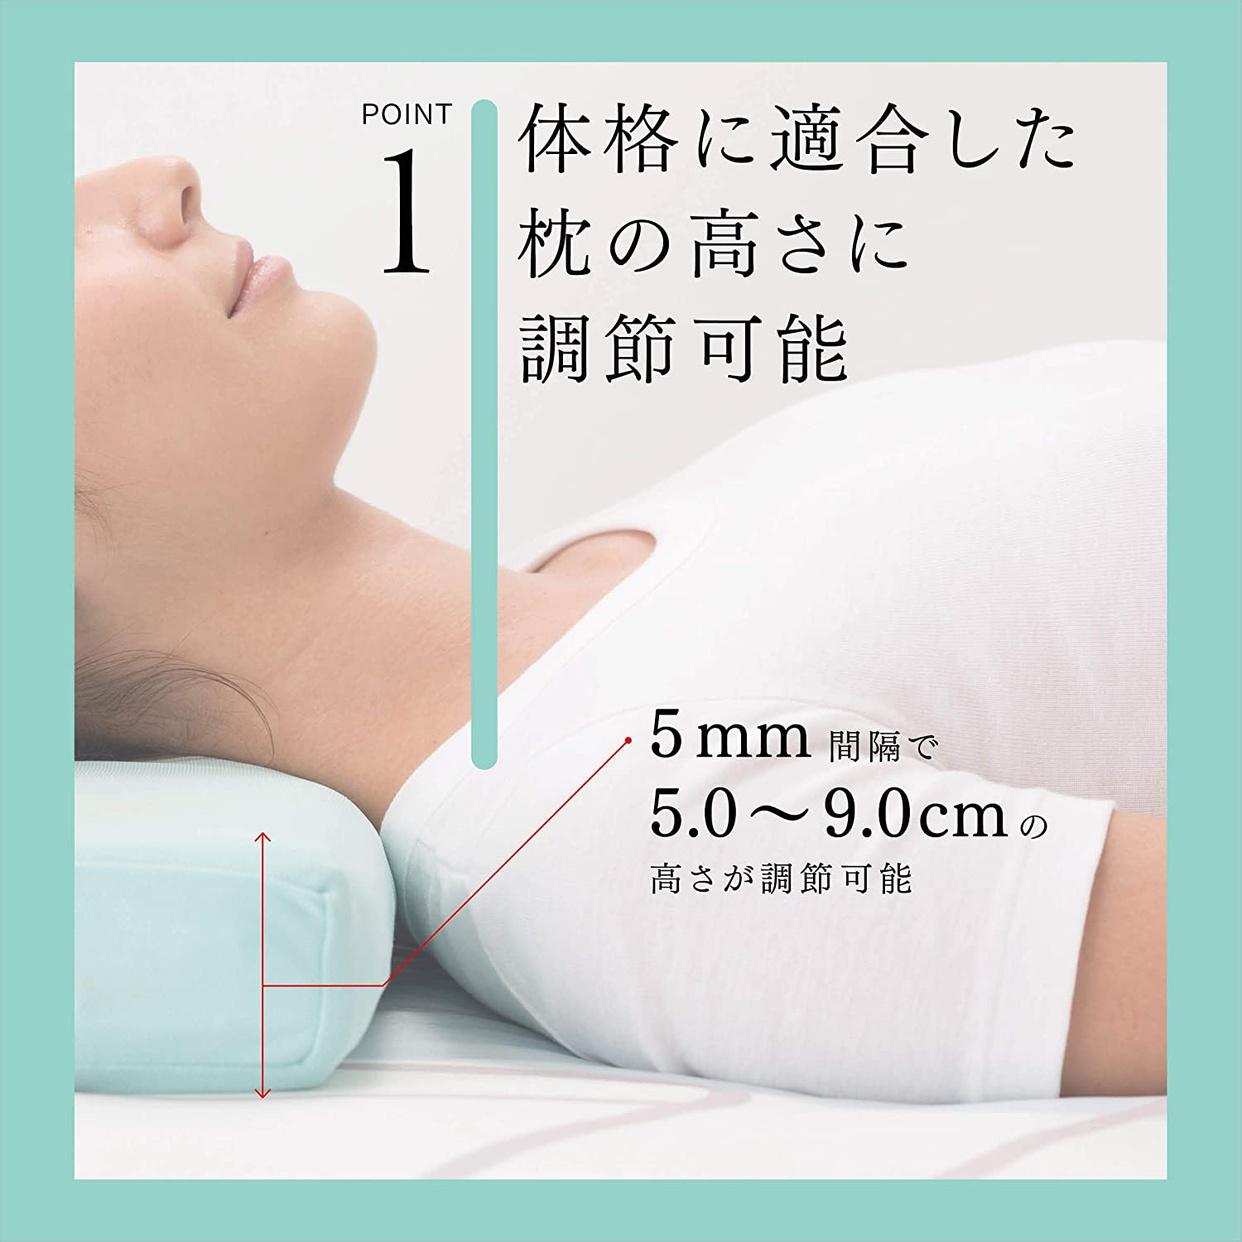 山田朱織枕研究所 整形外科枕ライトの商品画像4